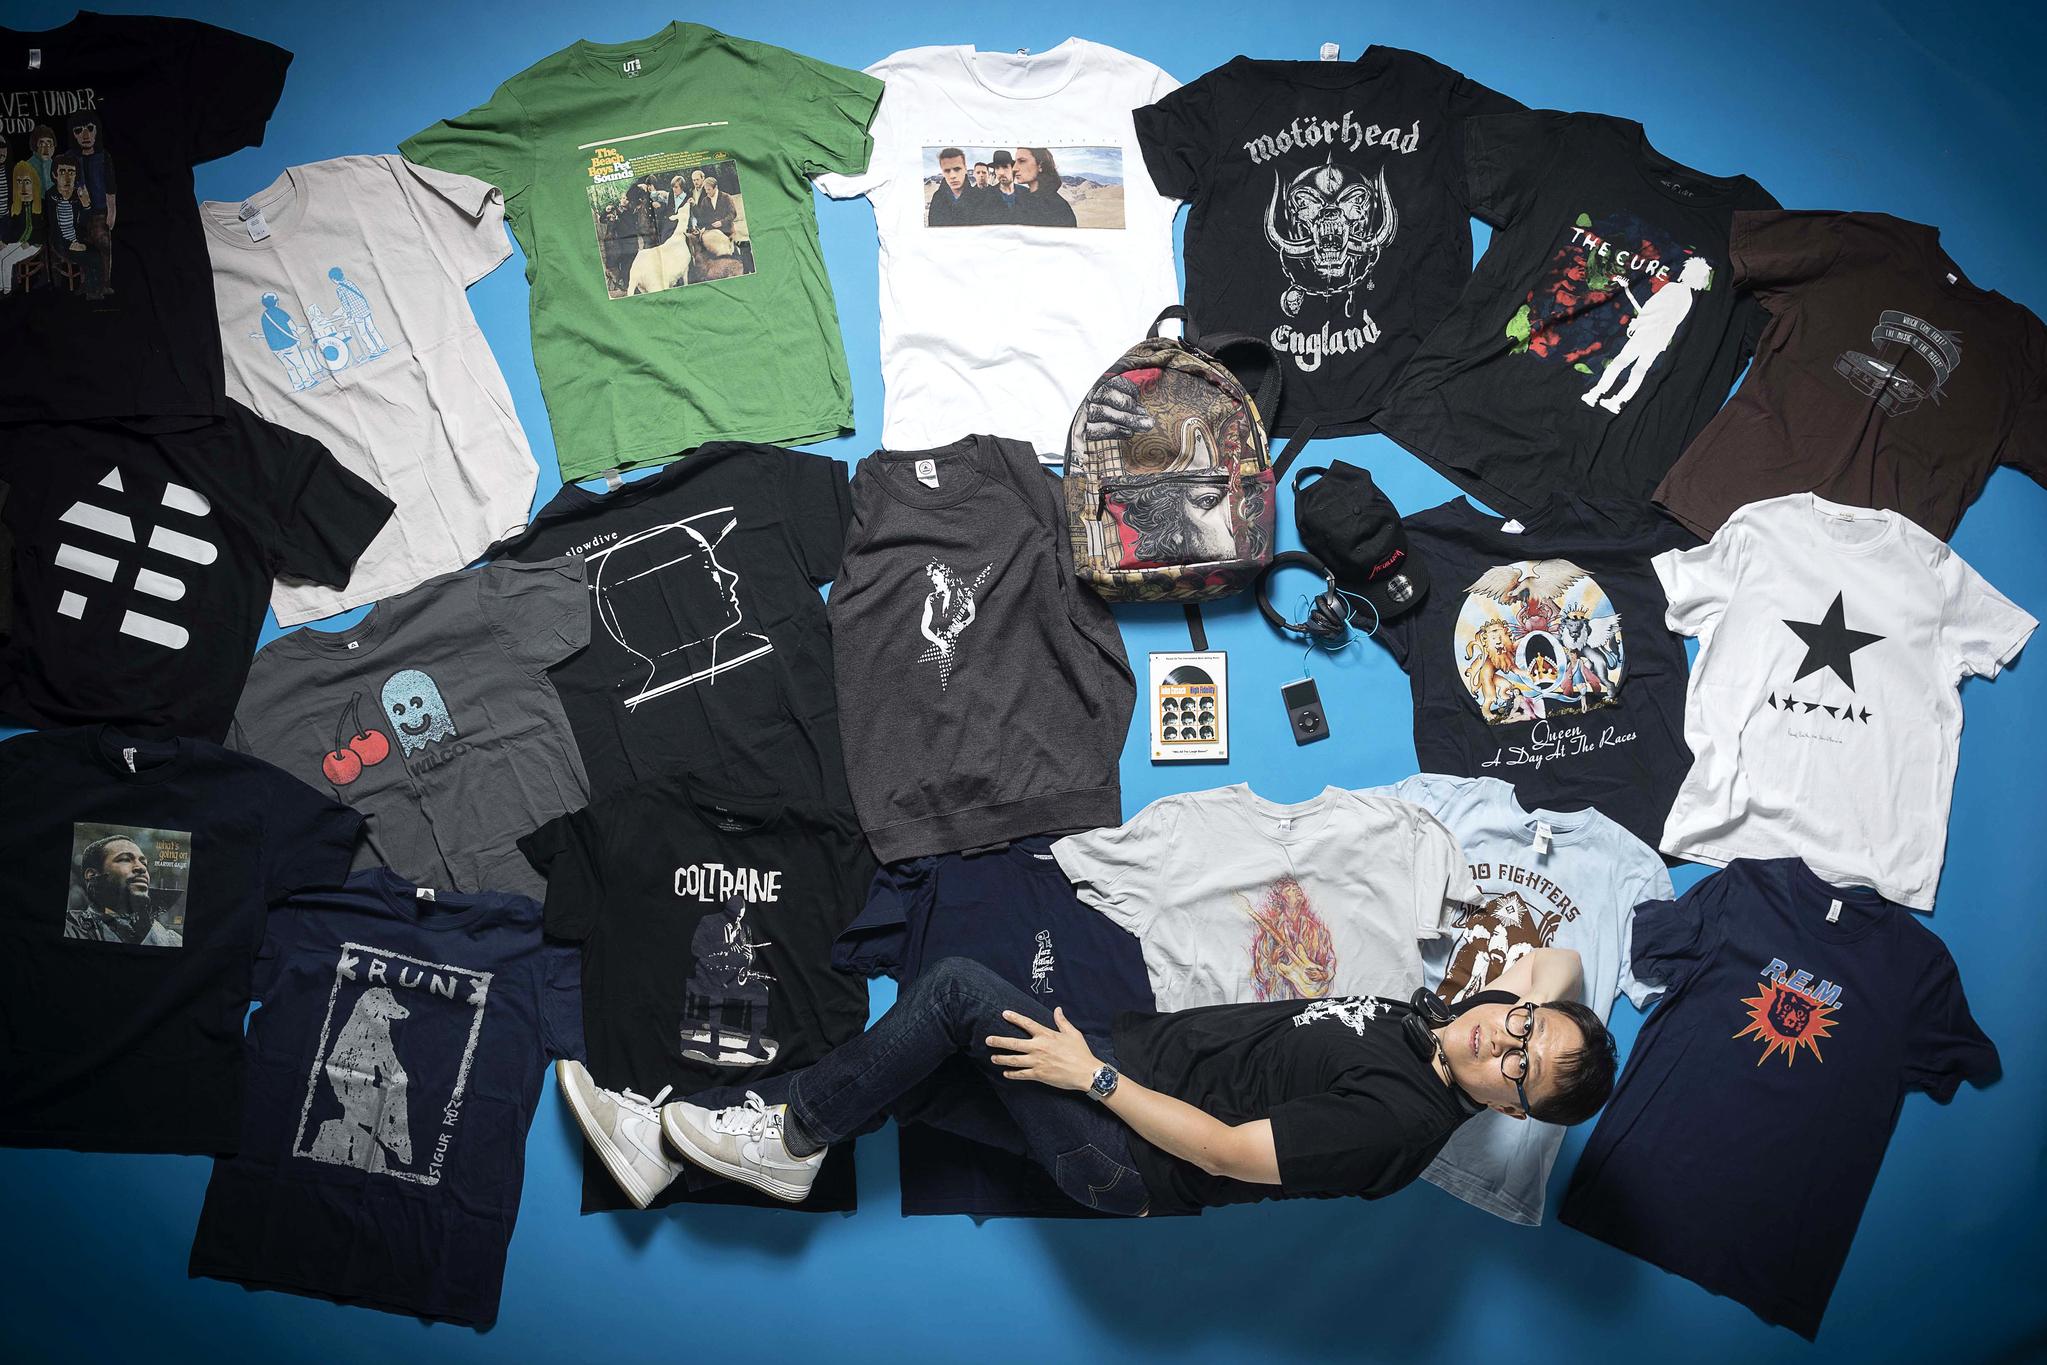 백영훈씨가 300여벌의 뮤직티셔츠들 중에서 가장 아끼는 것들만 골라 촬영에 임했다. 장진영 기자